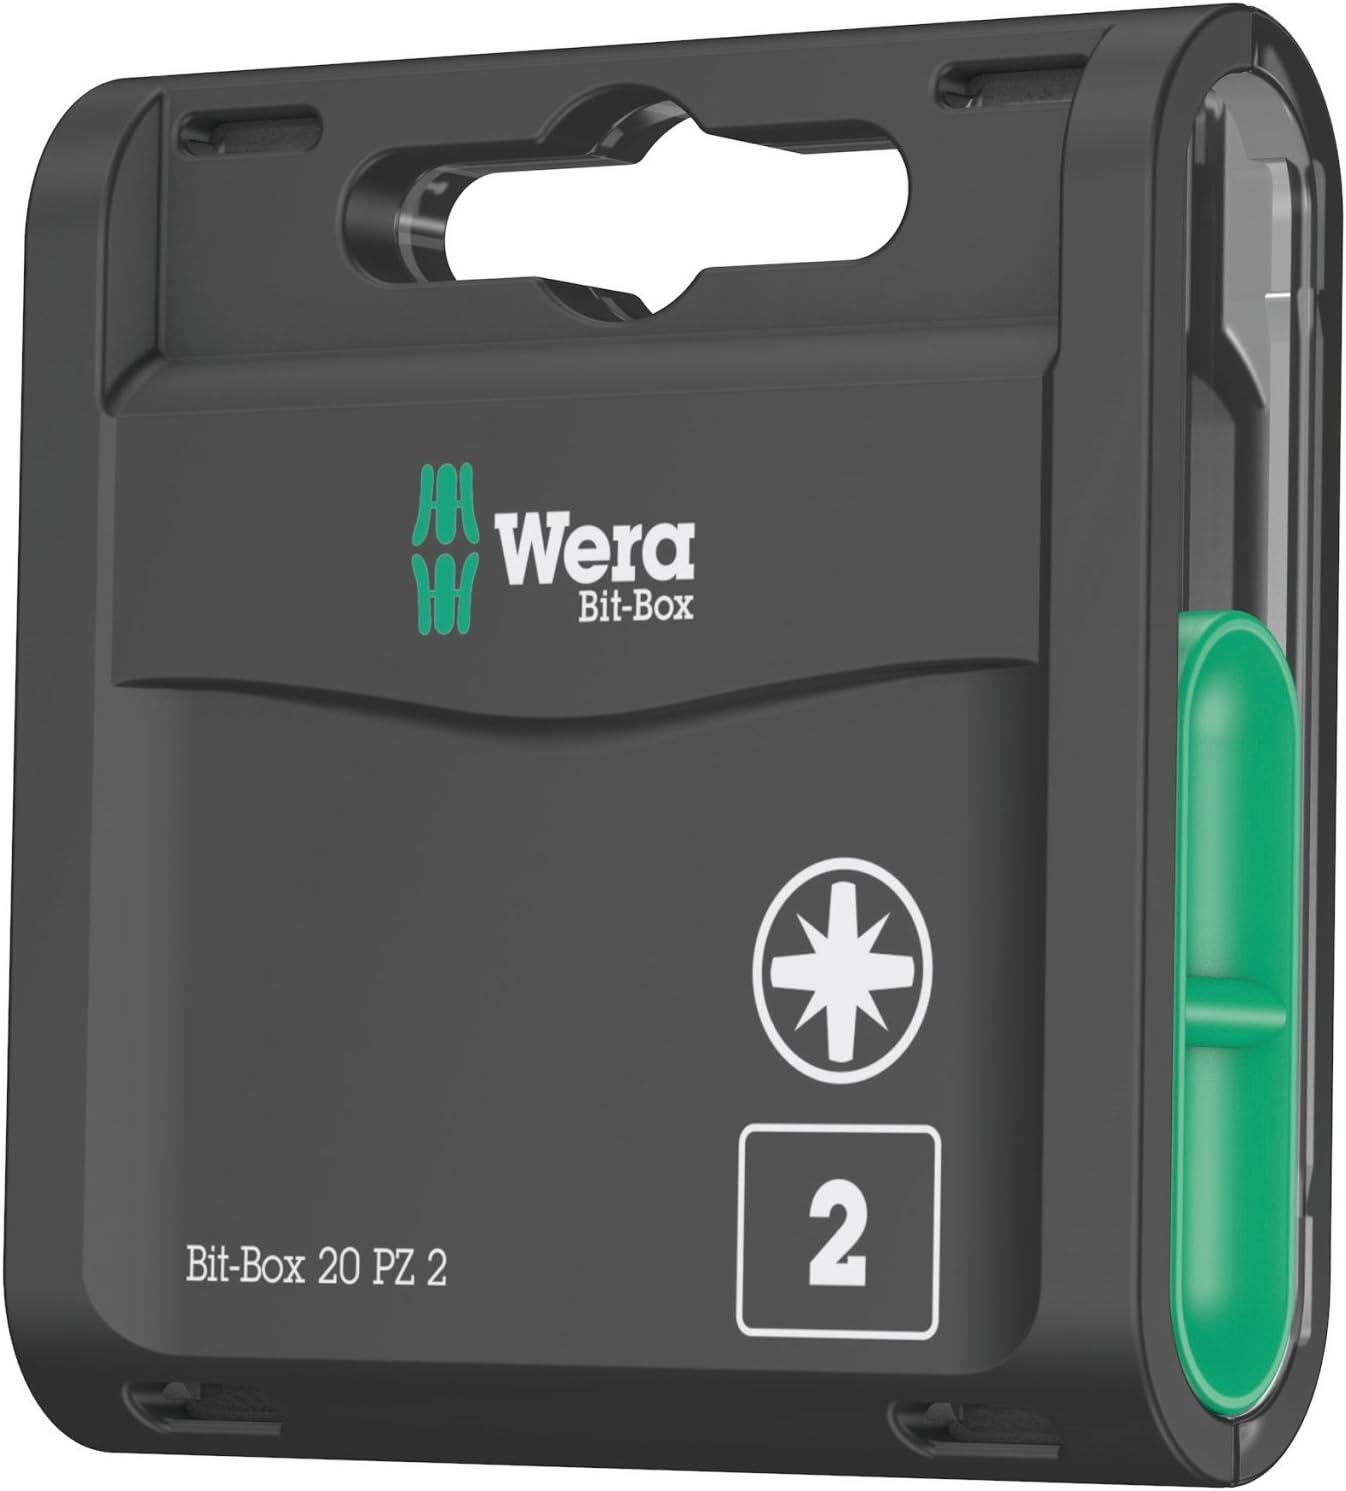 Wera Bit-Box PZ2 x 25 mm 20pc 05057760001